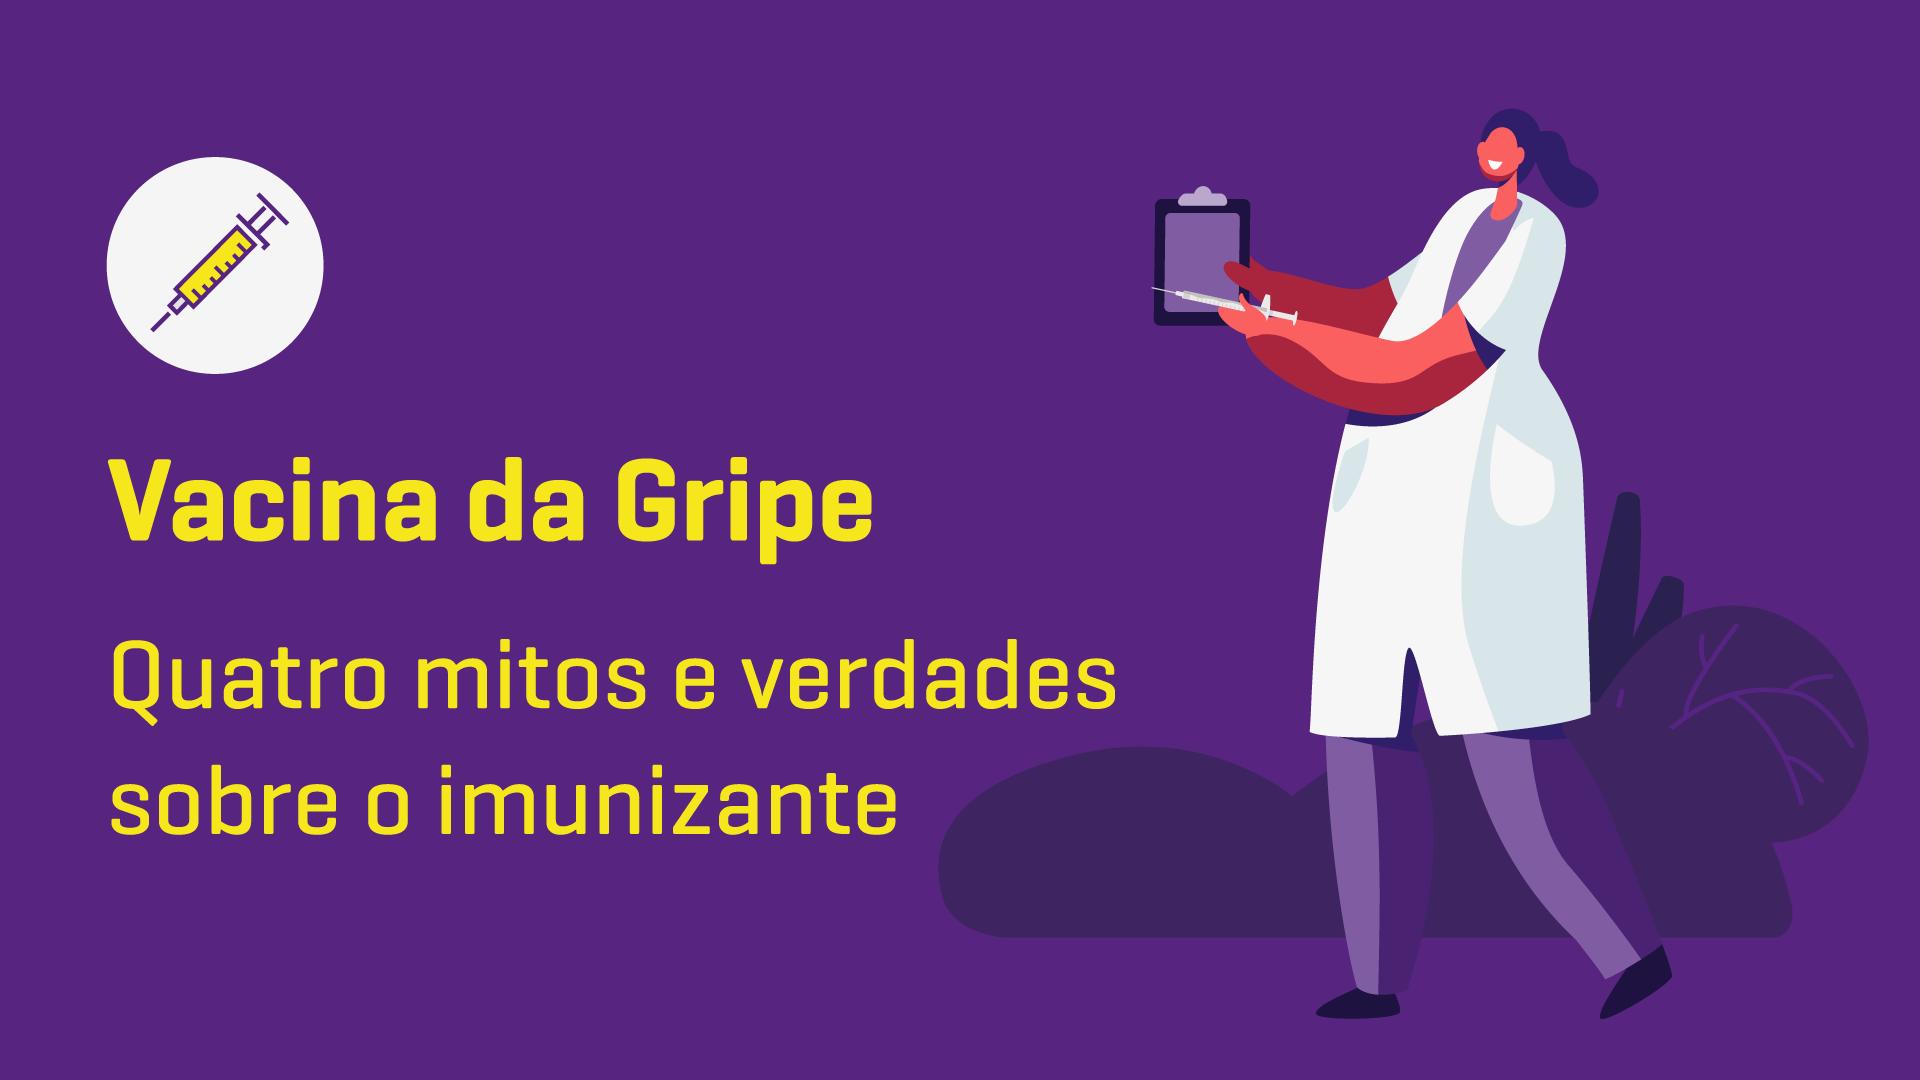 Vacina da gripe: 4 mitos e verdades sobre o imunizante